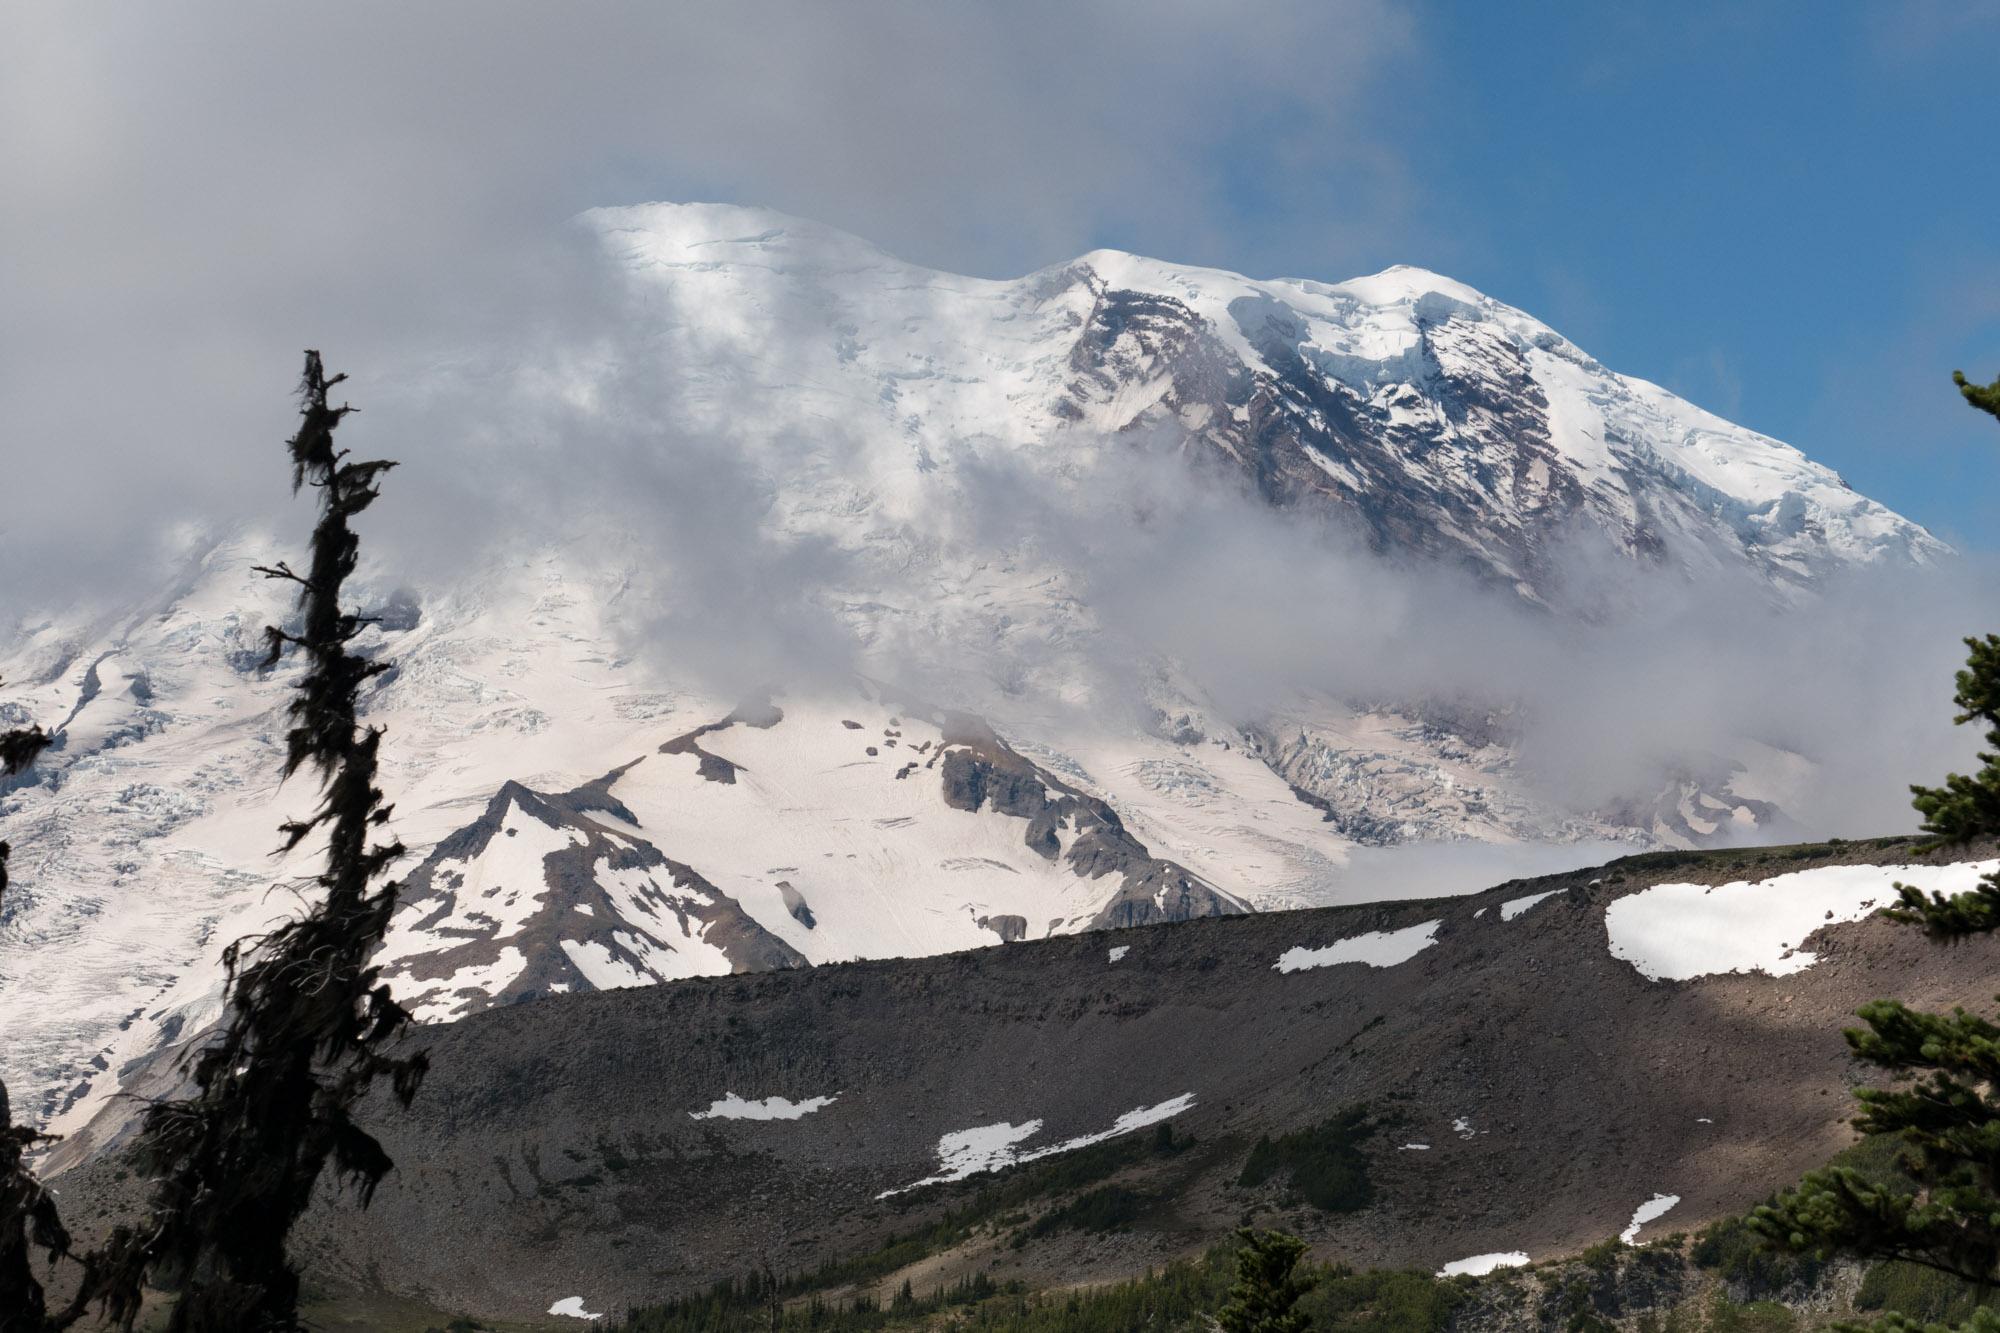 Mt. Ranier peeking through the clouds